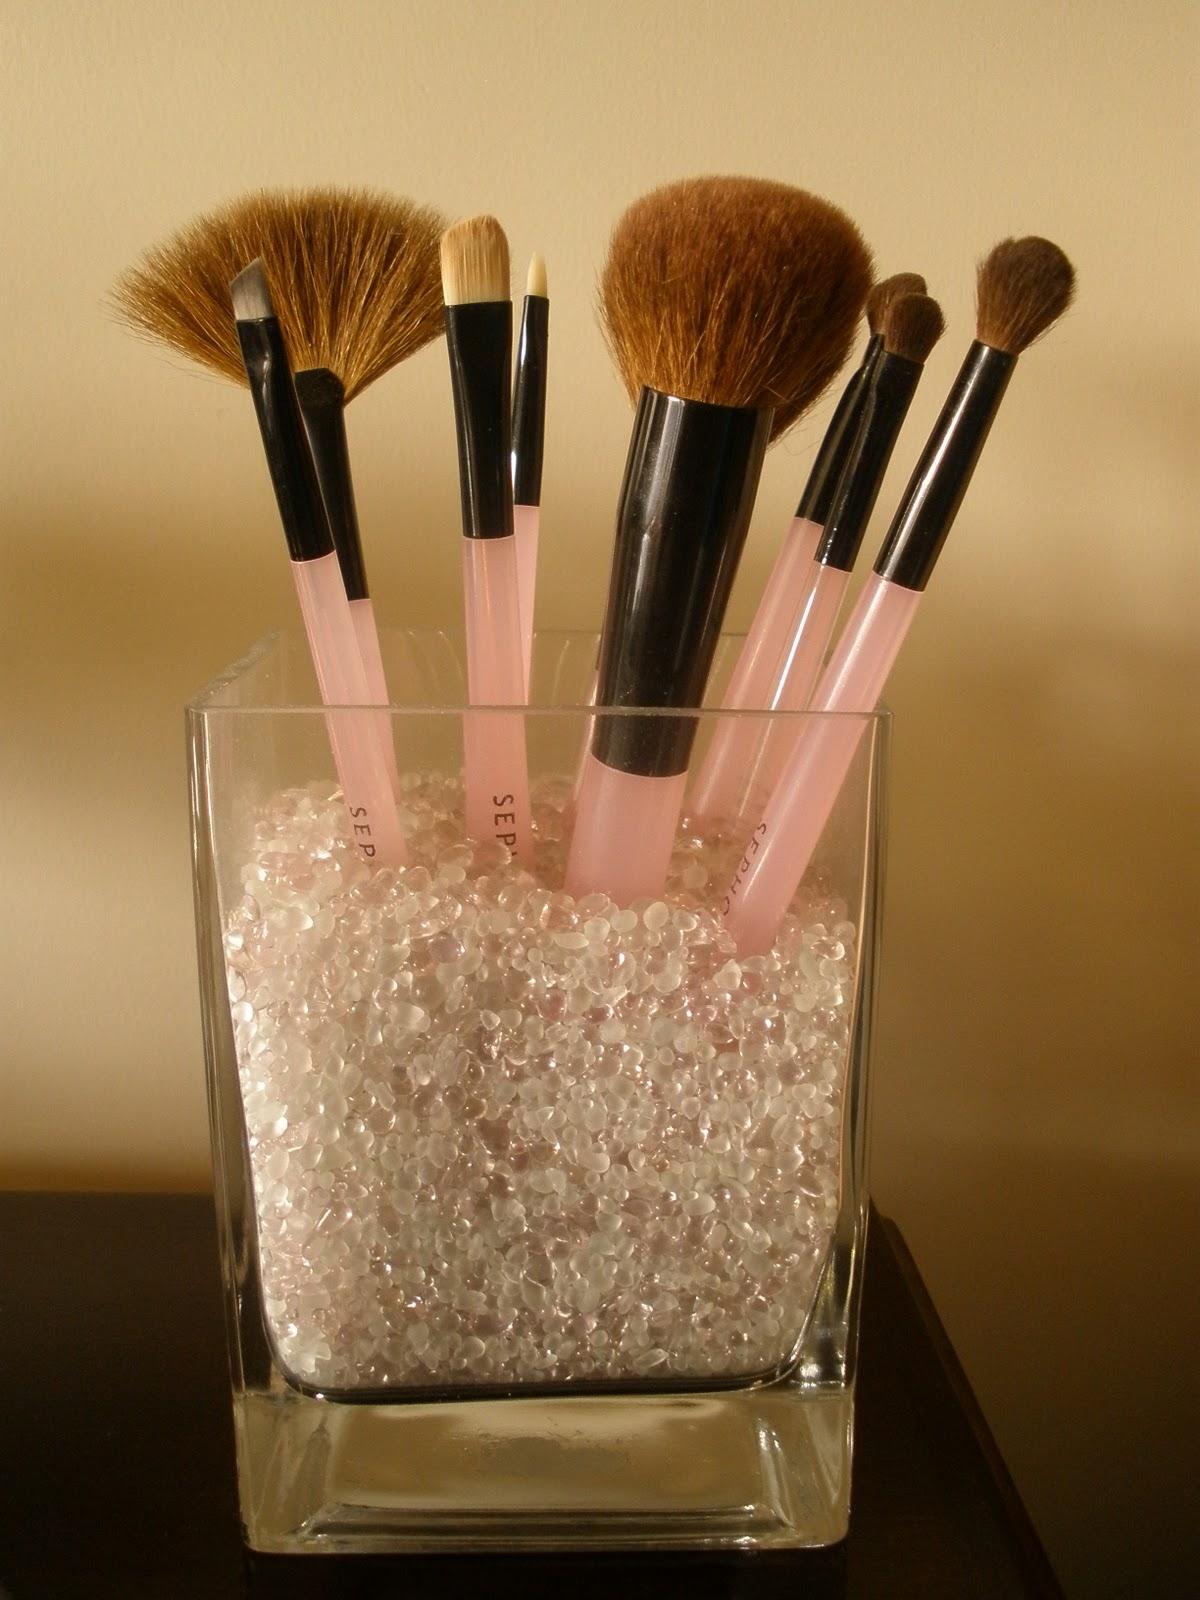 Gl Beads For Makeup Brushes - Makeup Vidalondon